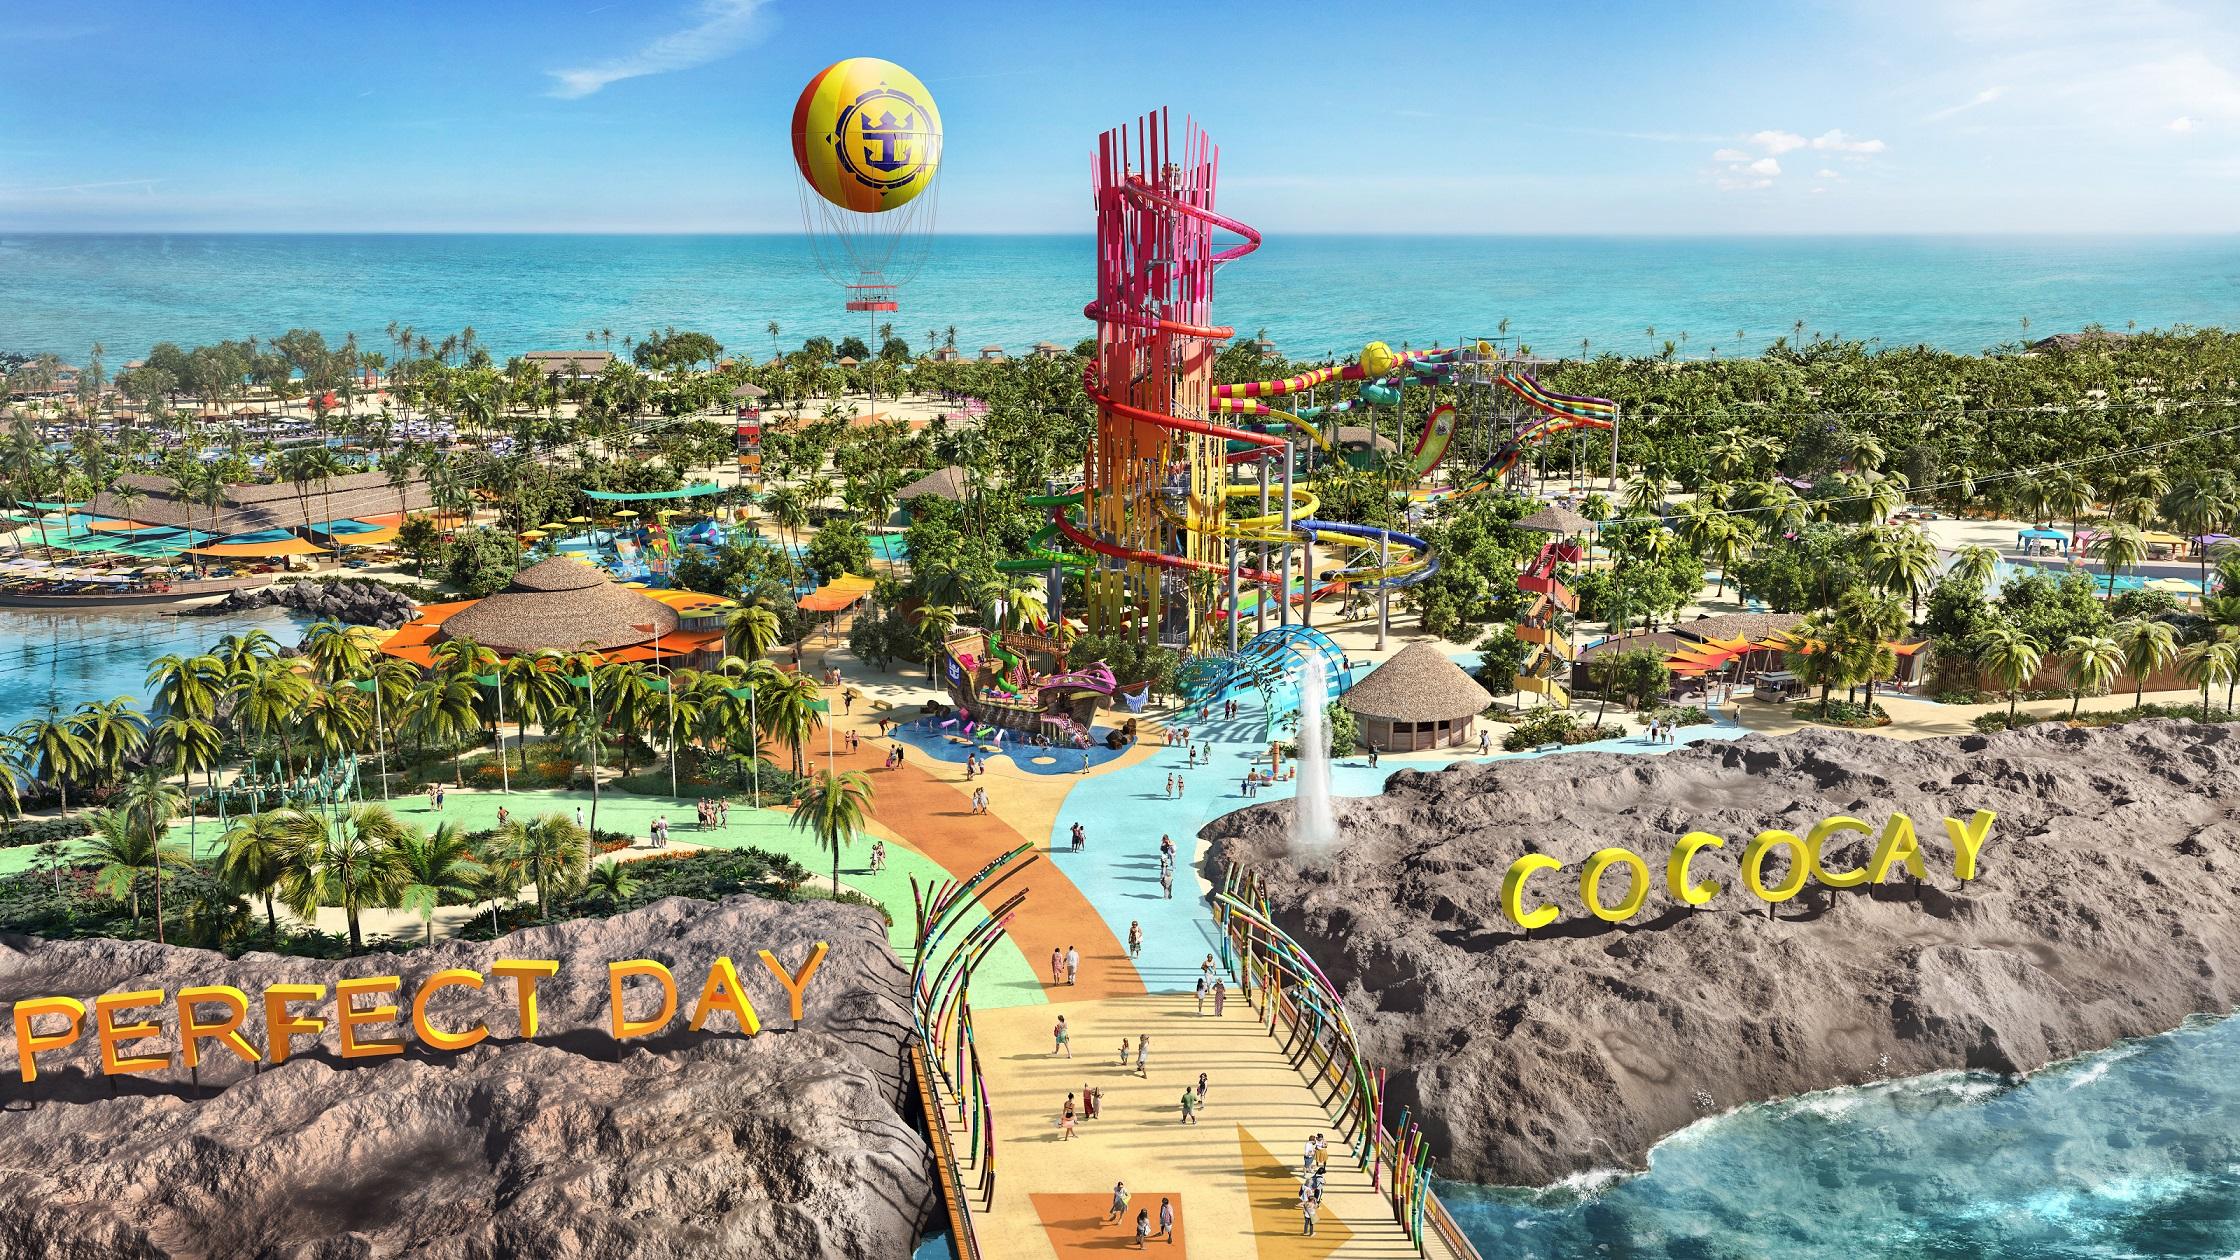 CocoCay er et nyt underholdningstilbud som nu åbner for Royal Caribbeans krydstogtsgæster ved Bahamas. Illustration: Royal Caribbean Cruise Line.